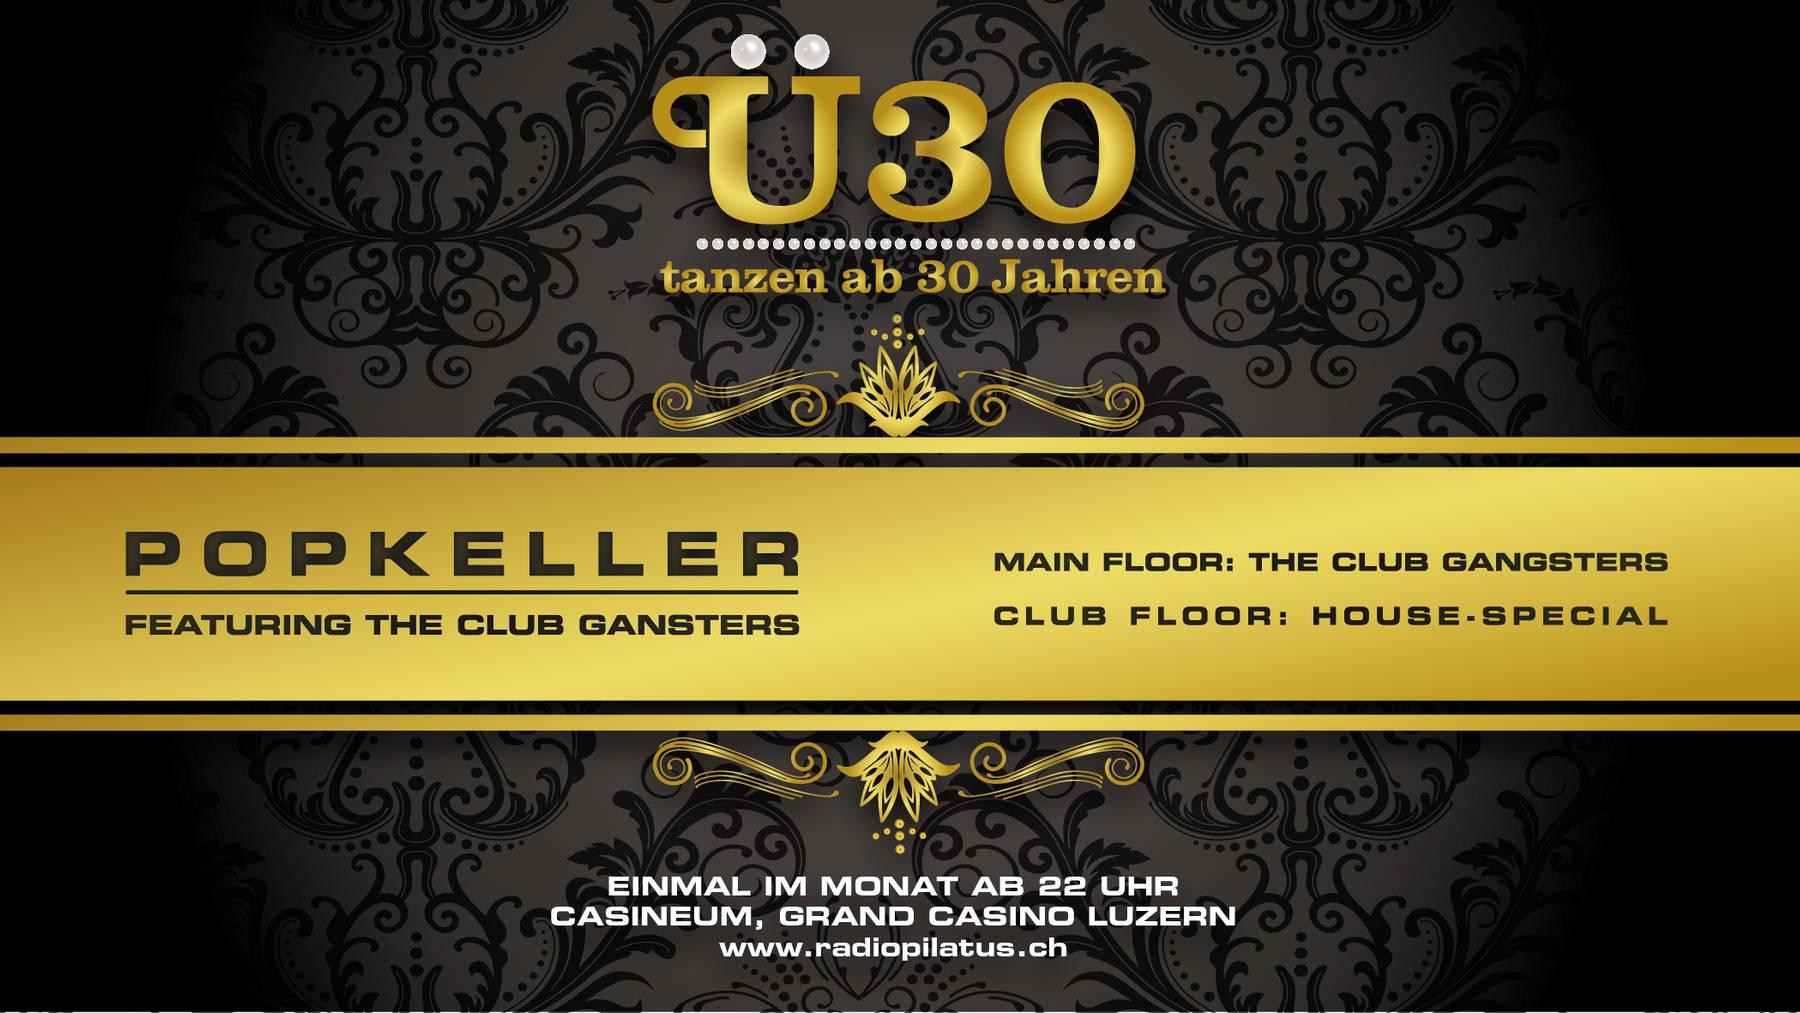 Ü30 Popkeller Party neu mit zwei Floors